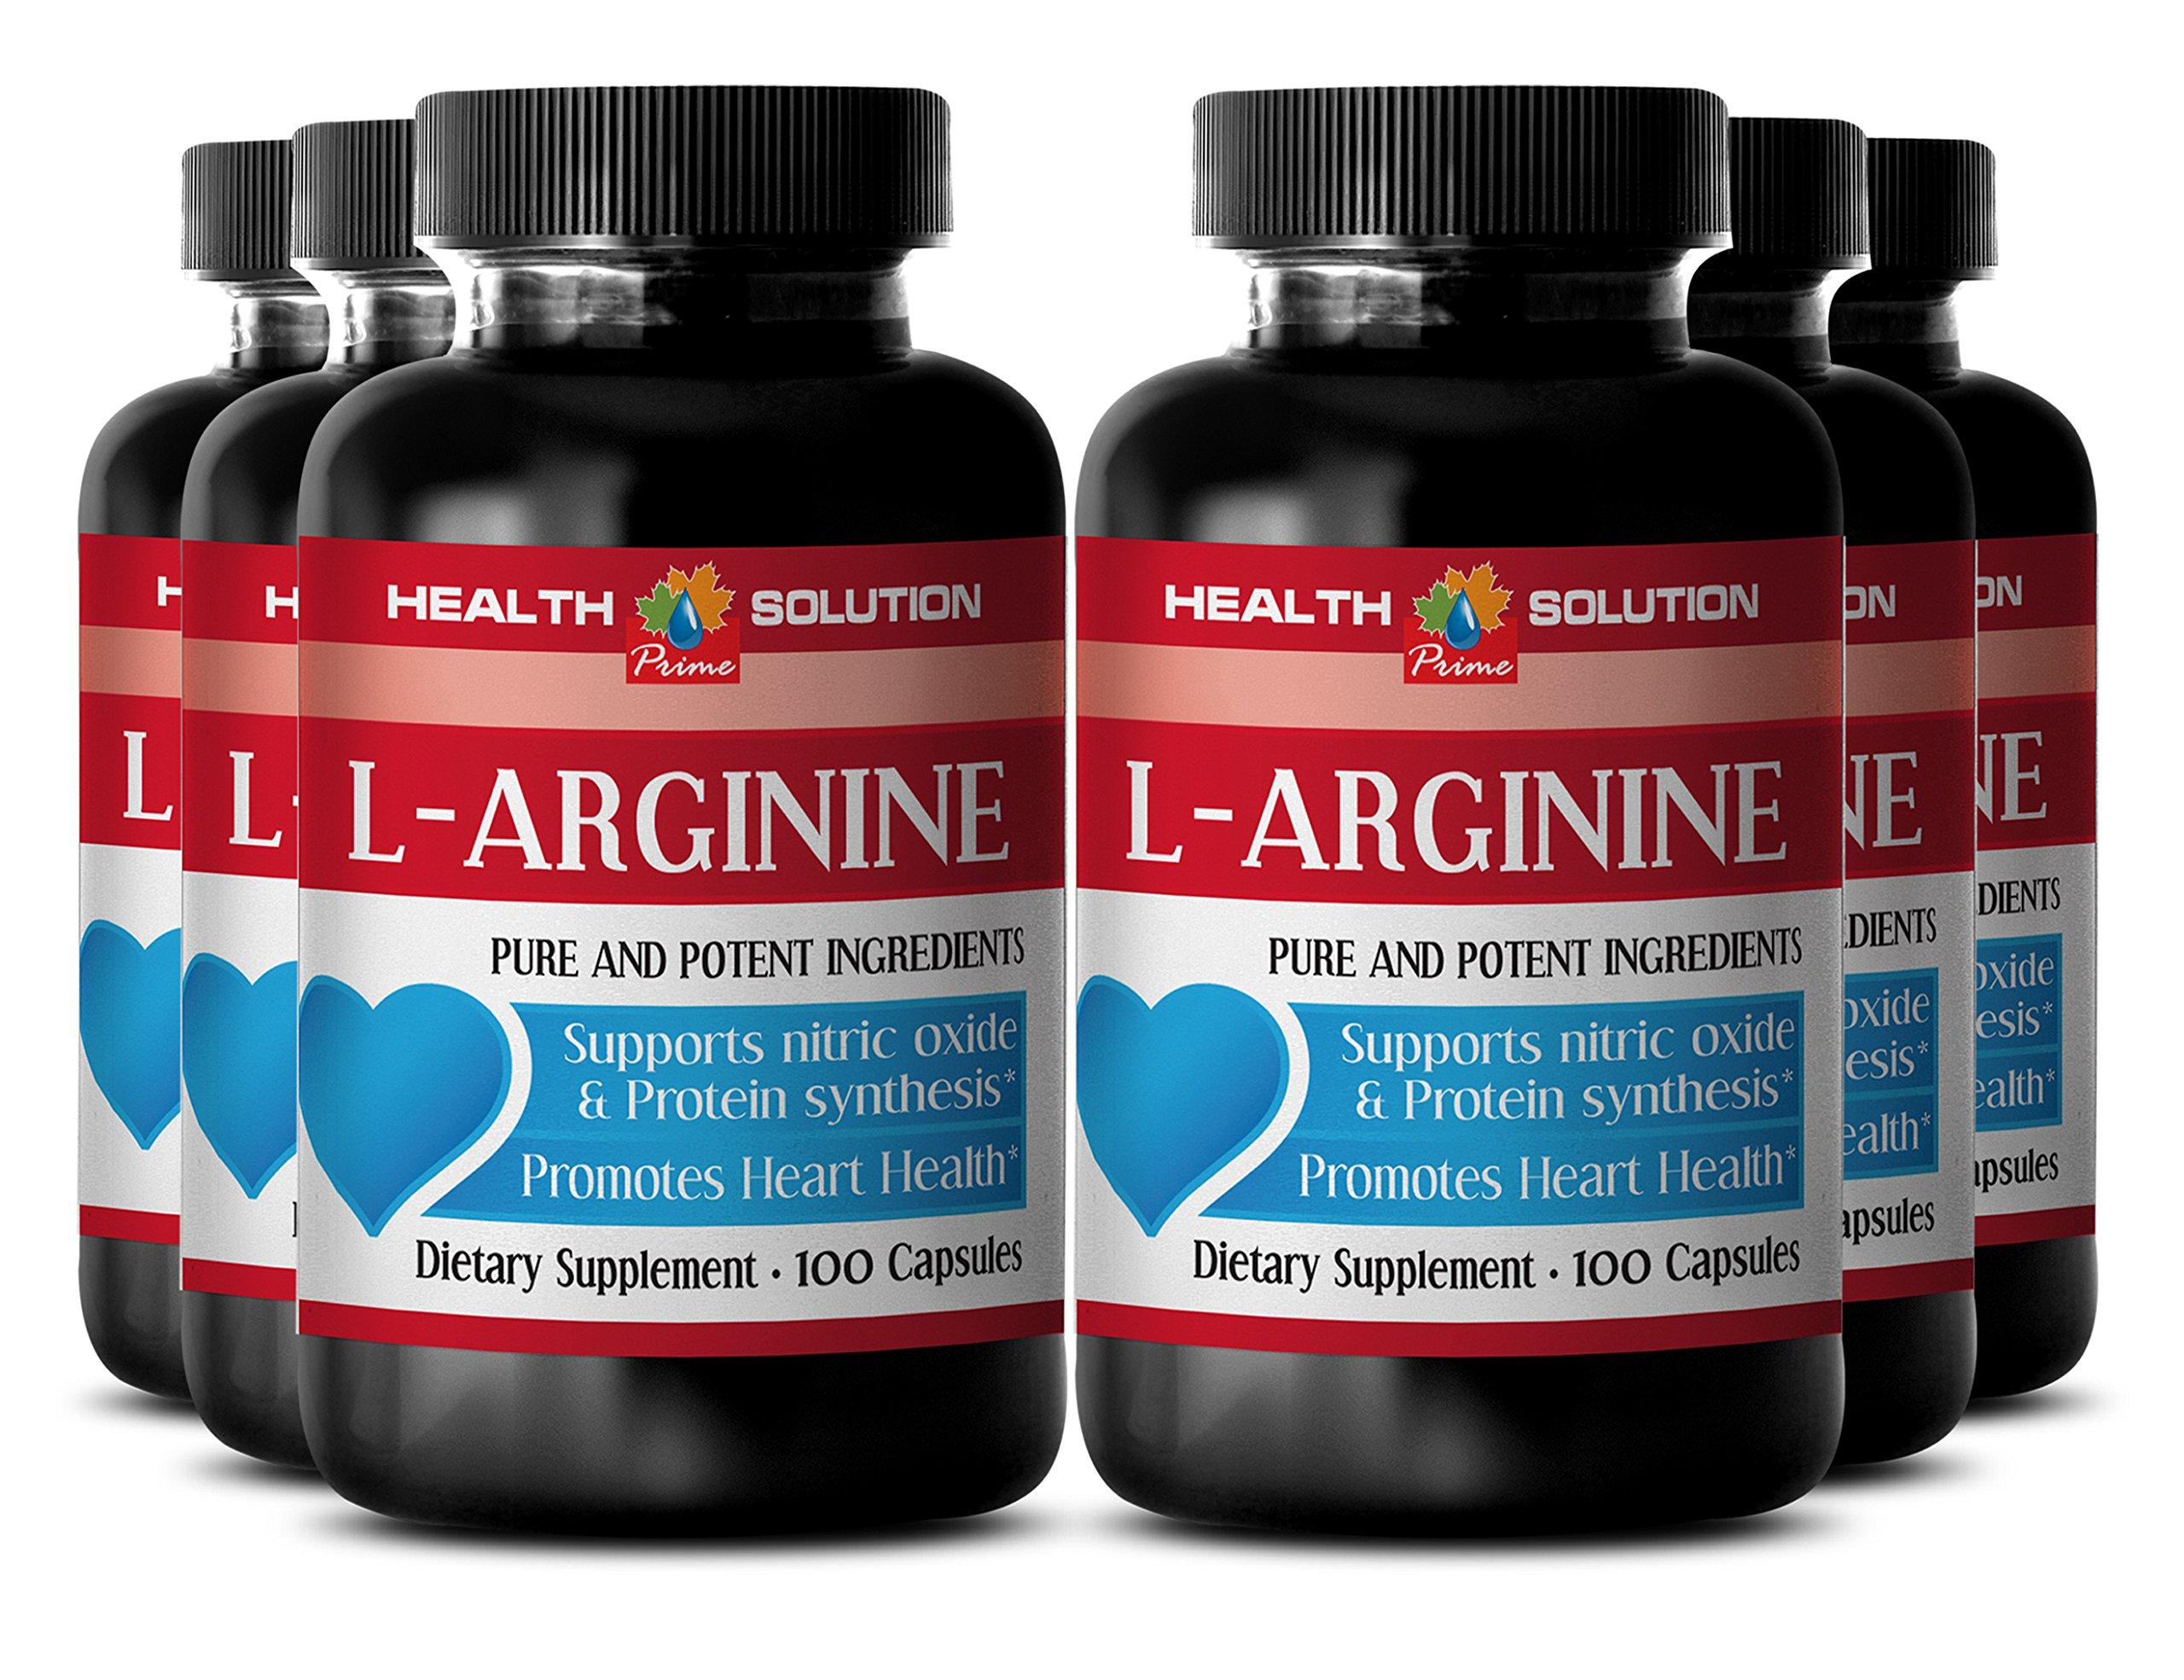 L-arginine testosterone - L-ARGININE 500MG - fat burner (6 Bottles)